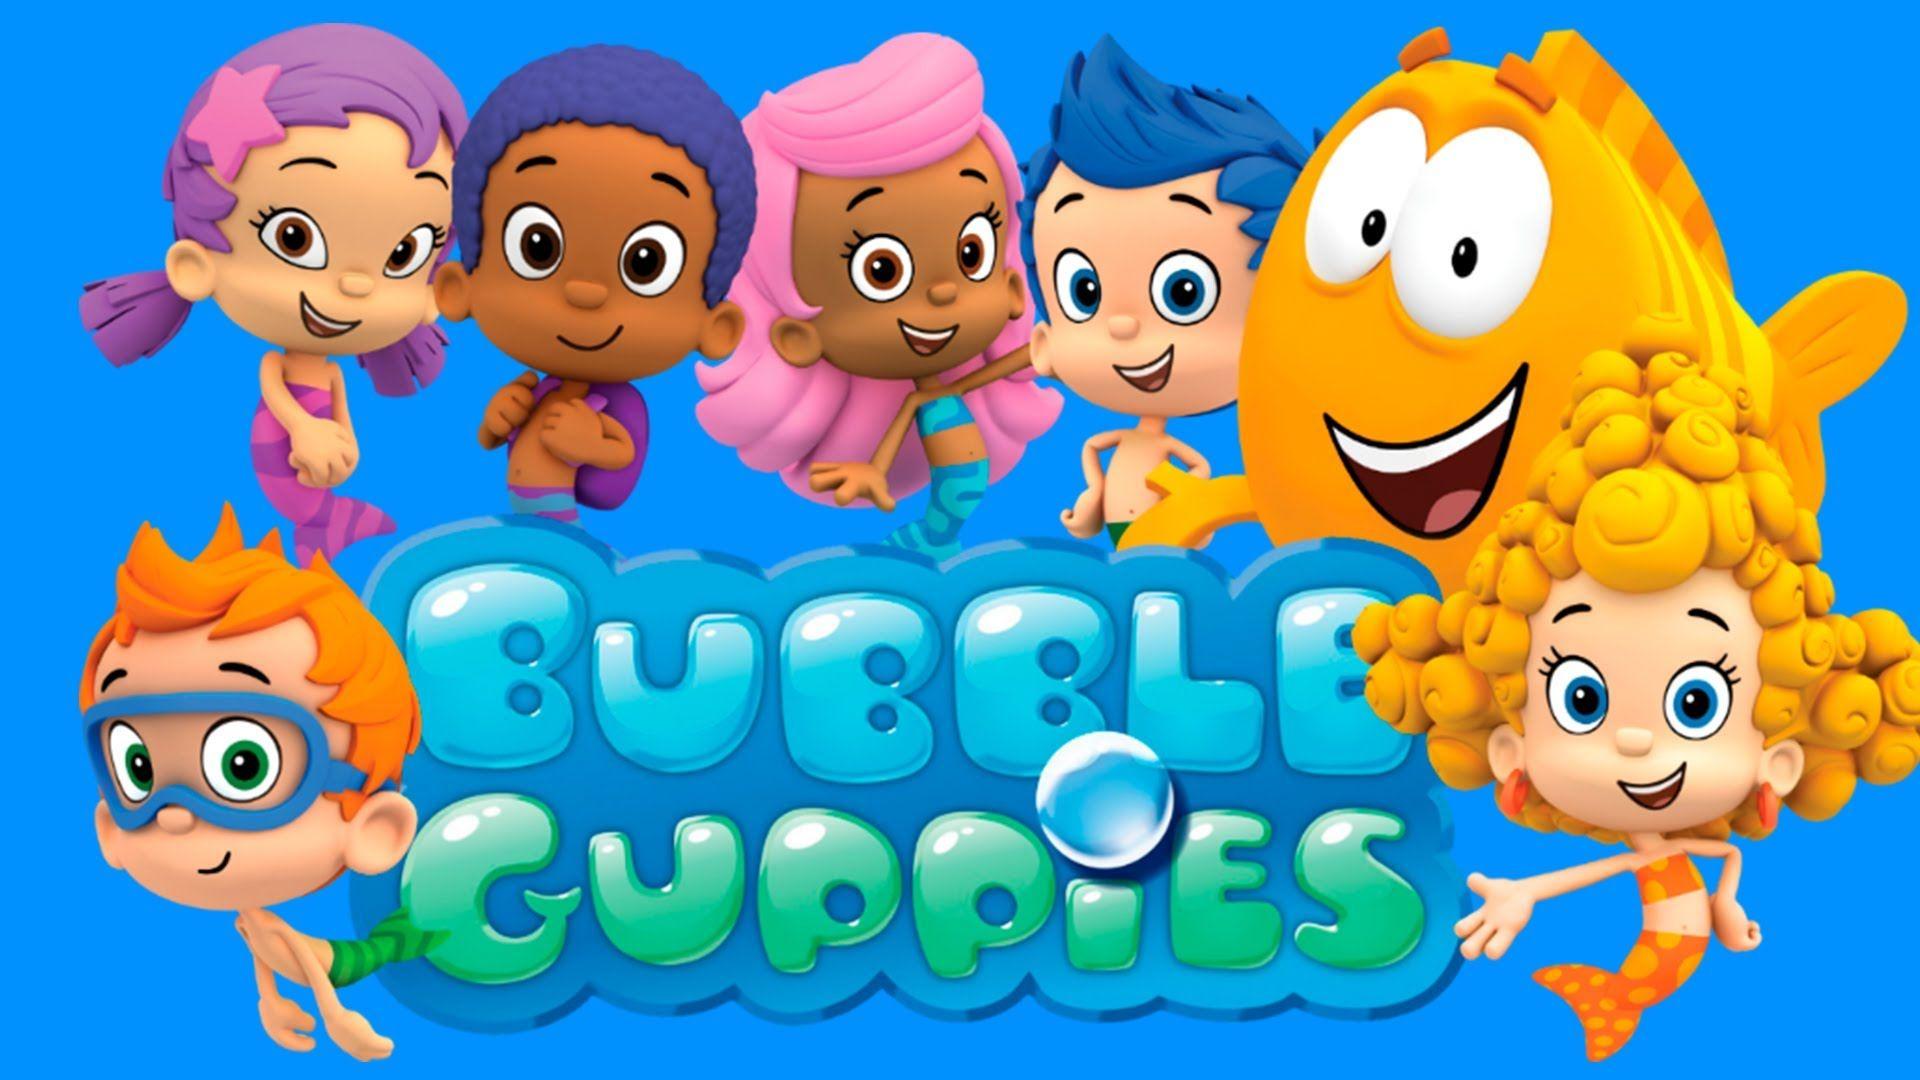 flirting games for kids full video online free